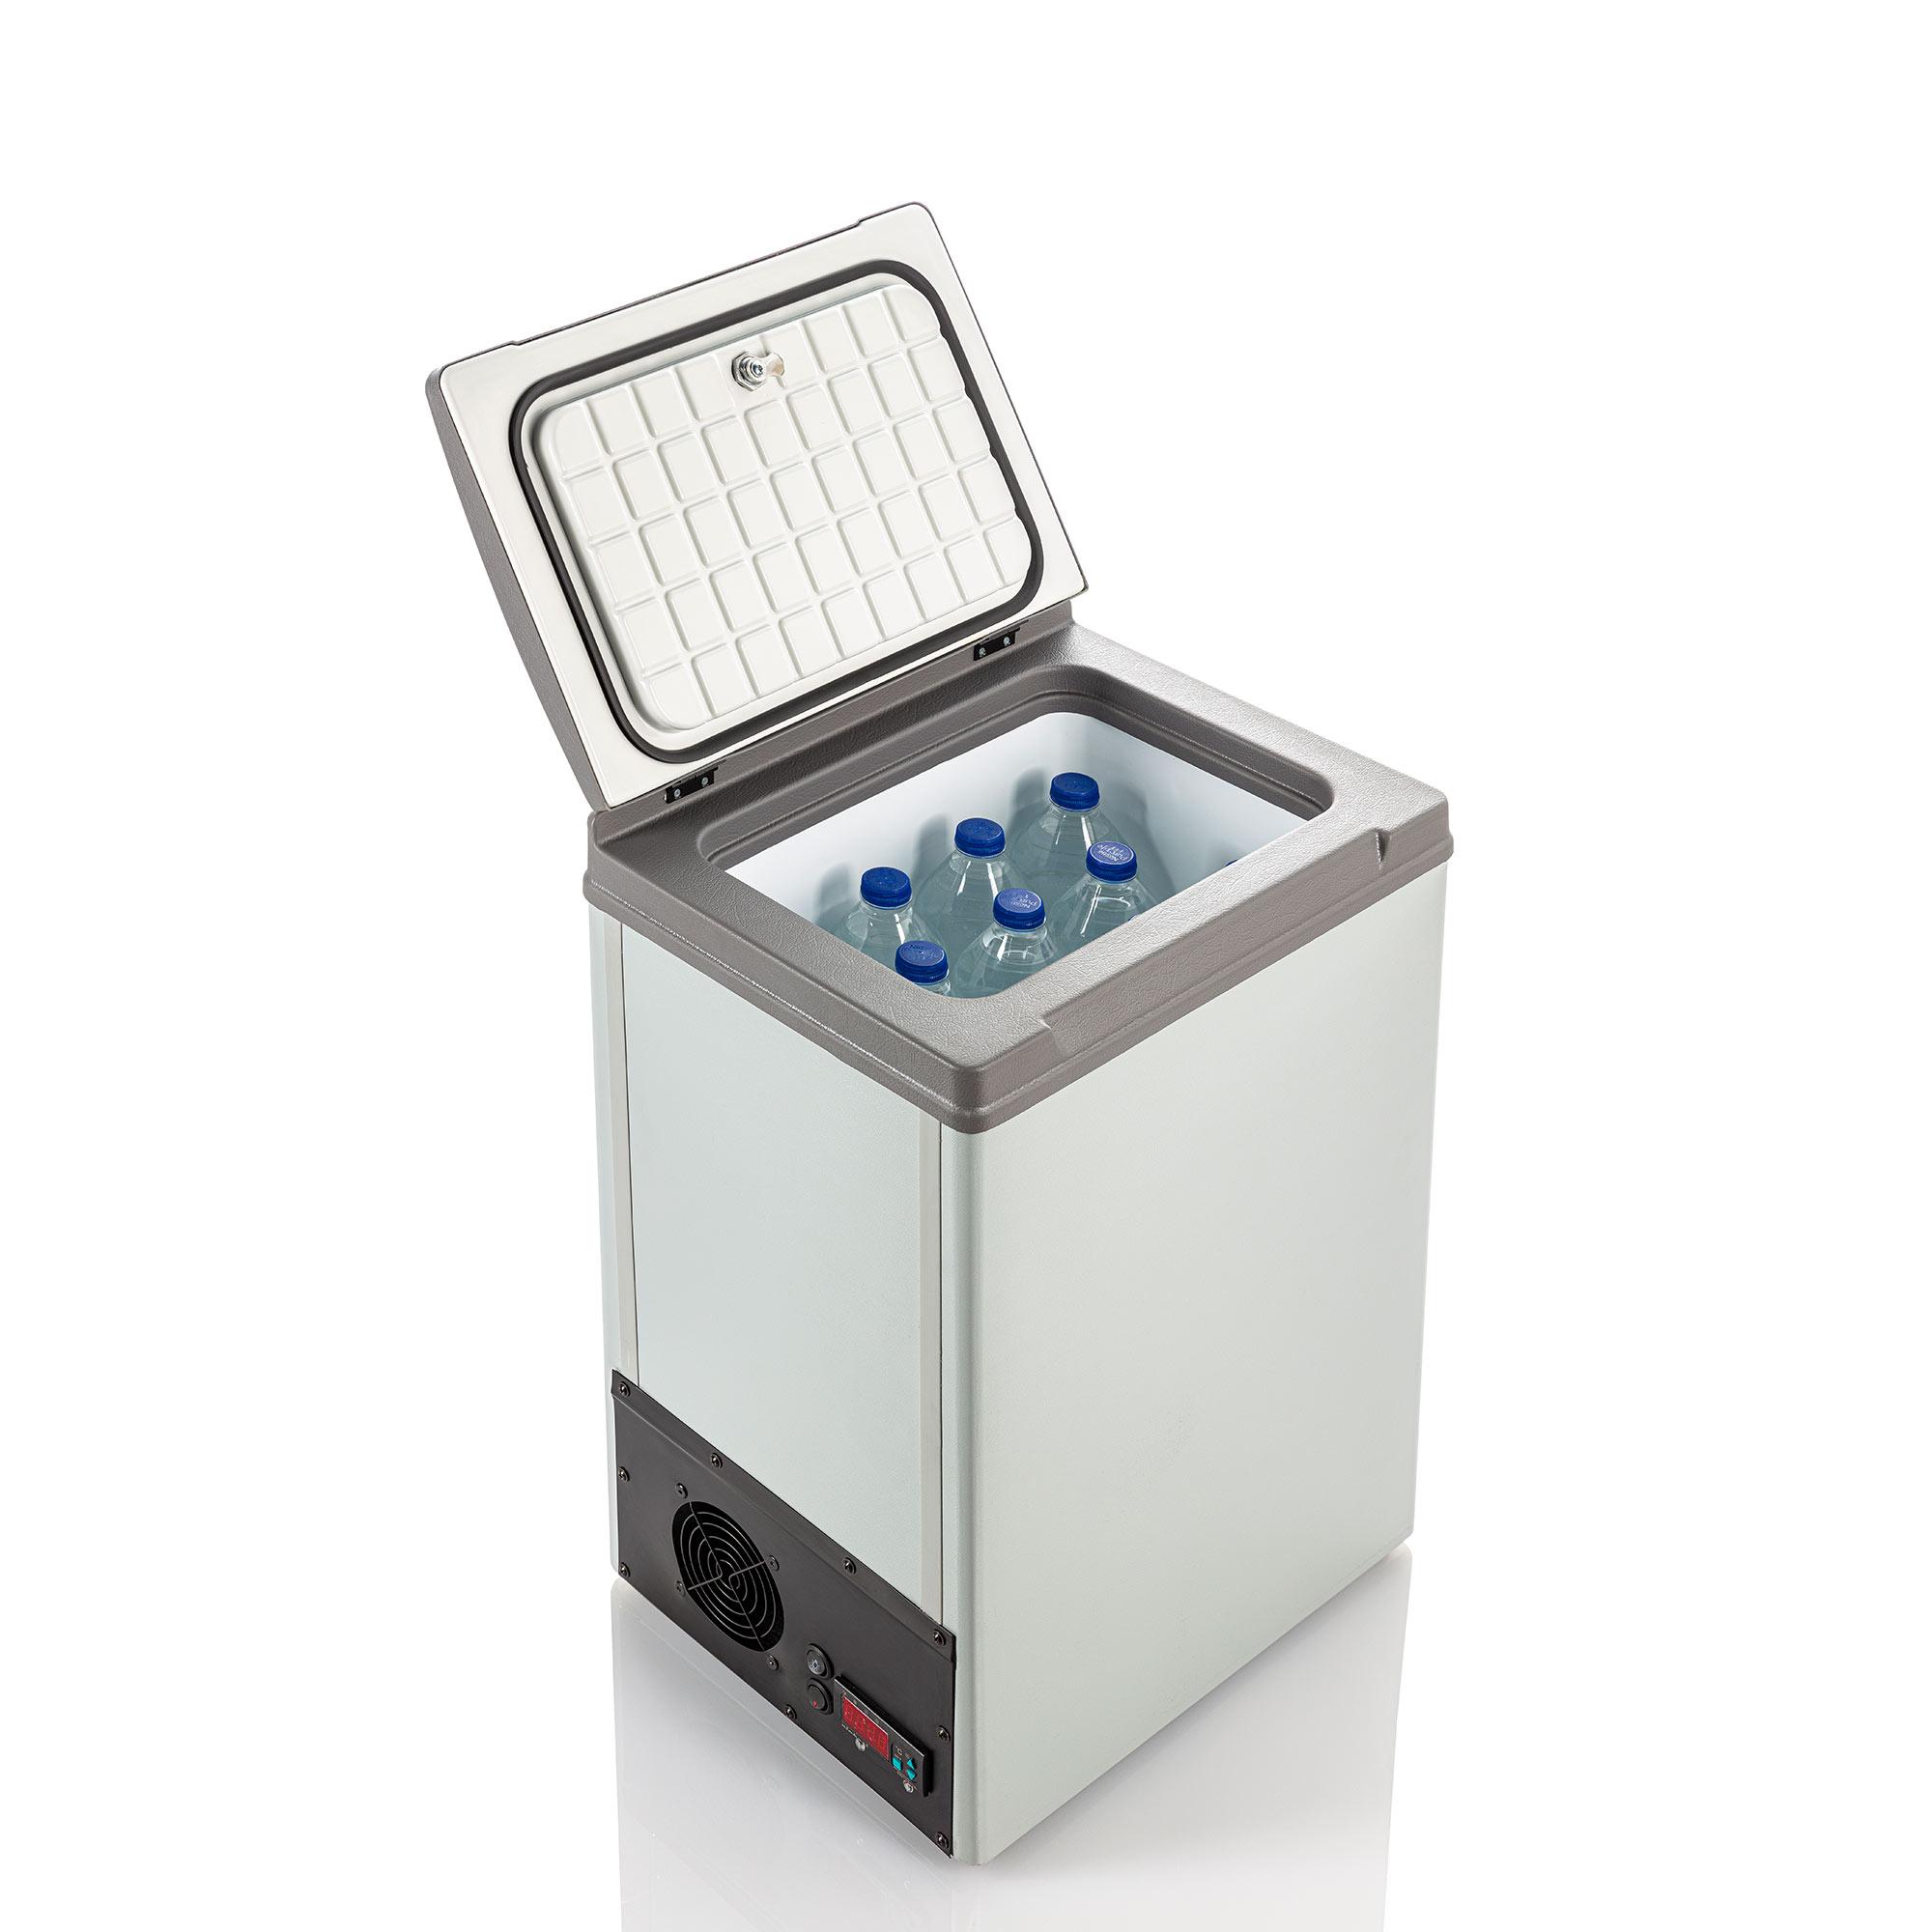 MET 3258 28 LT Soğutucu Araç Buzdolabı